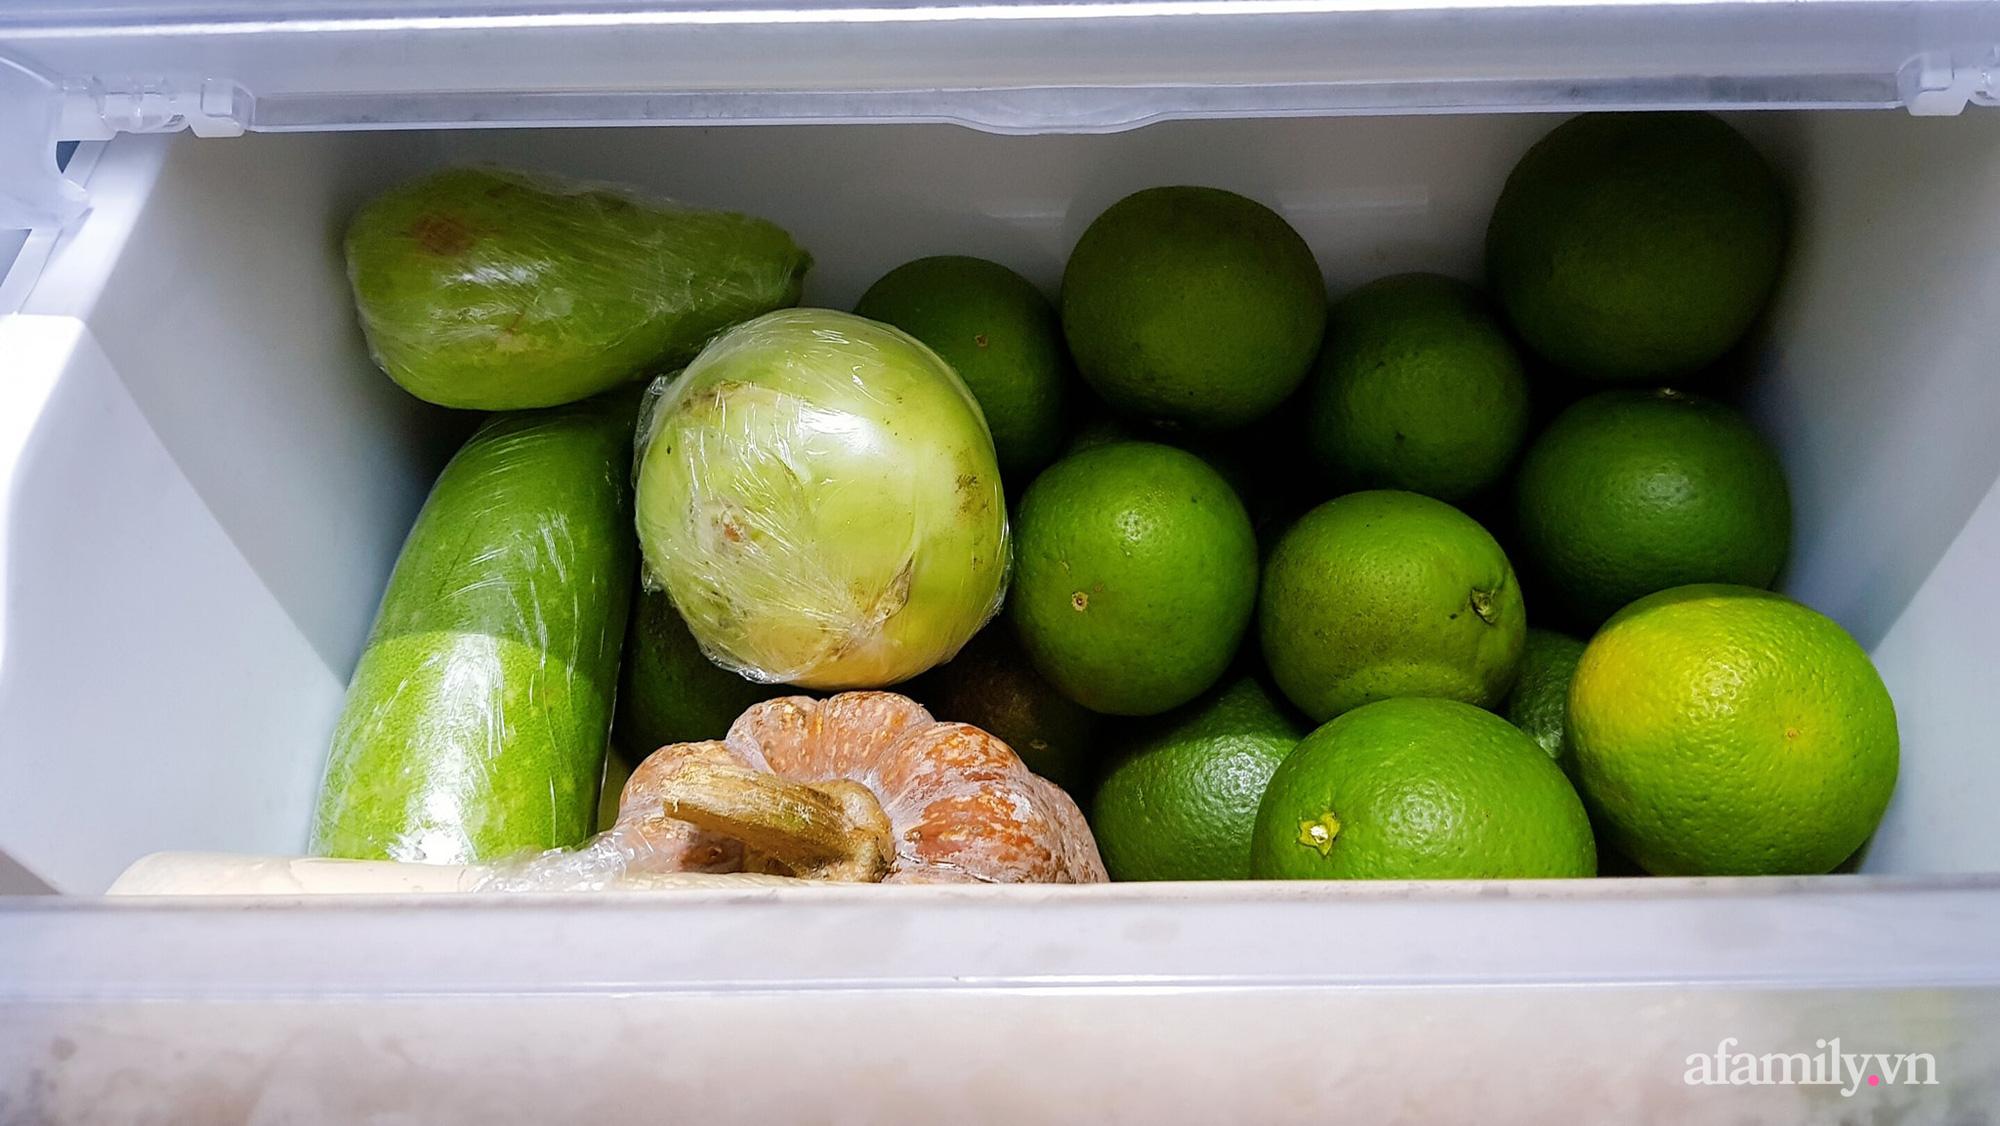 Mẹo trữ thực phẩm từ A đến Z tươi ngon, tiết kiệm chi phí của nữ giáo viên ở Đồng Nai - Ảnh 12.